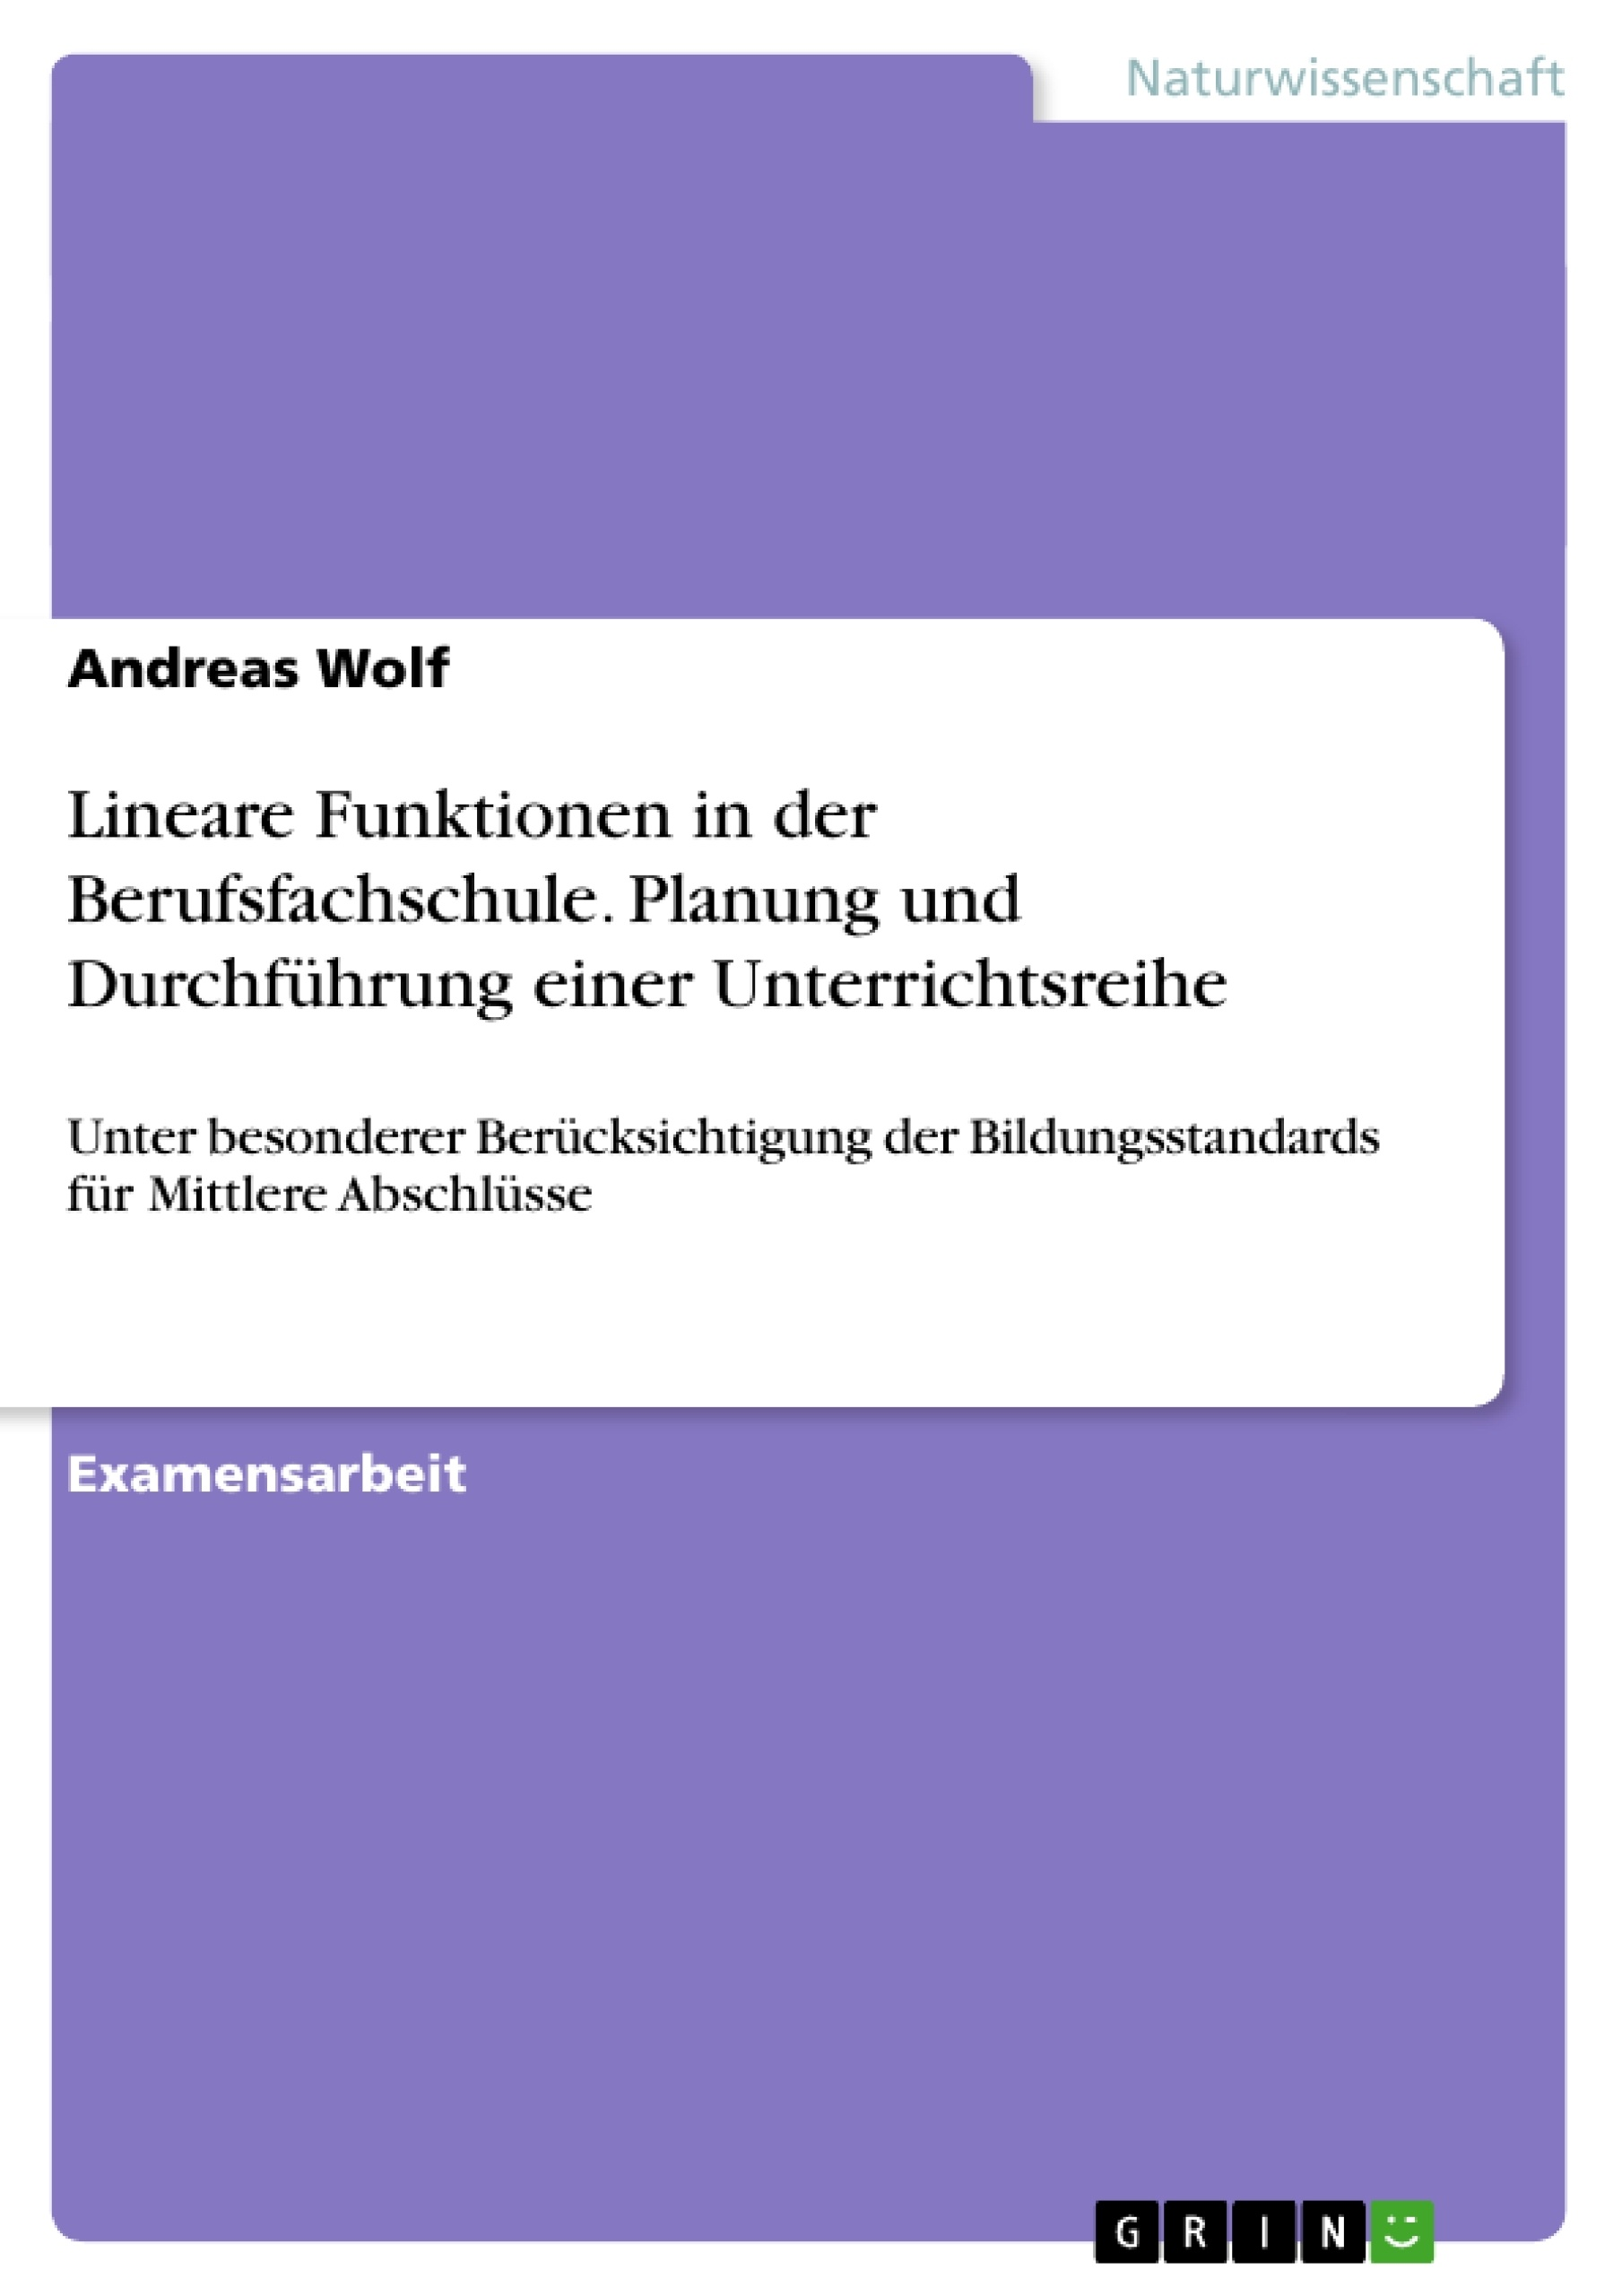 Lineare Funktionen in der Berufsfachschule. Planung und ...